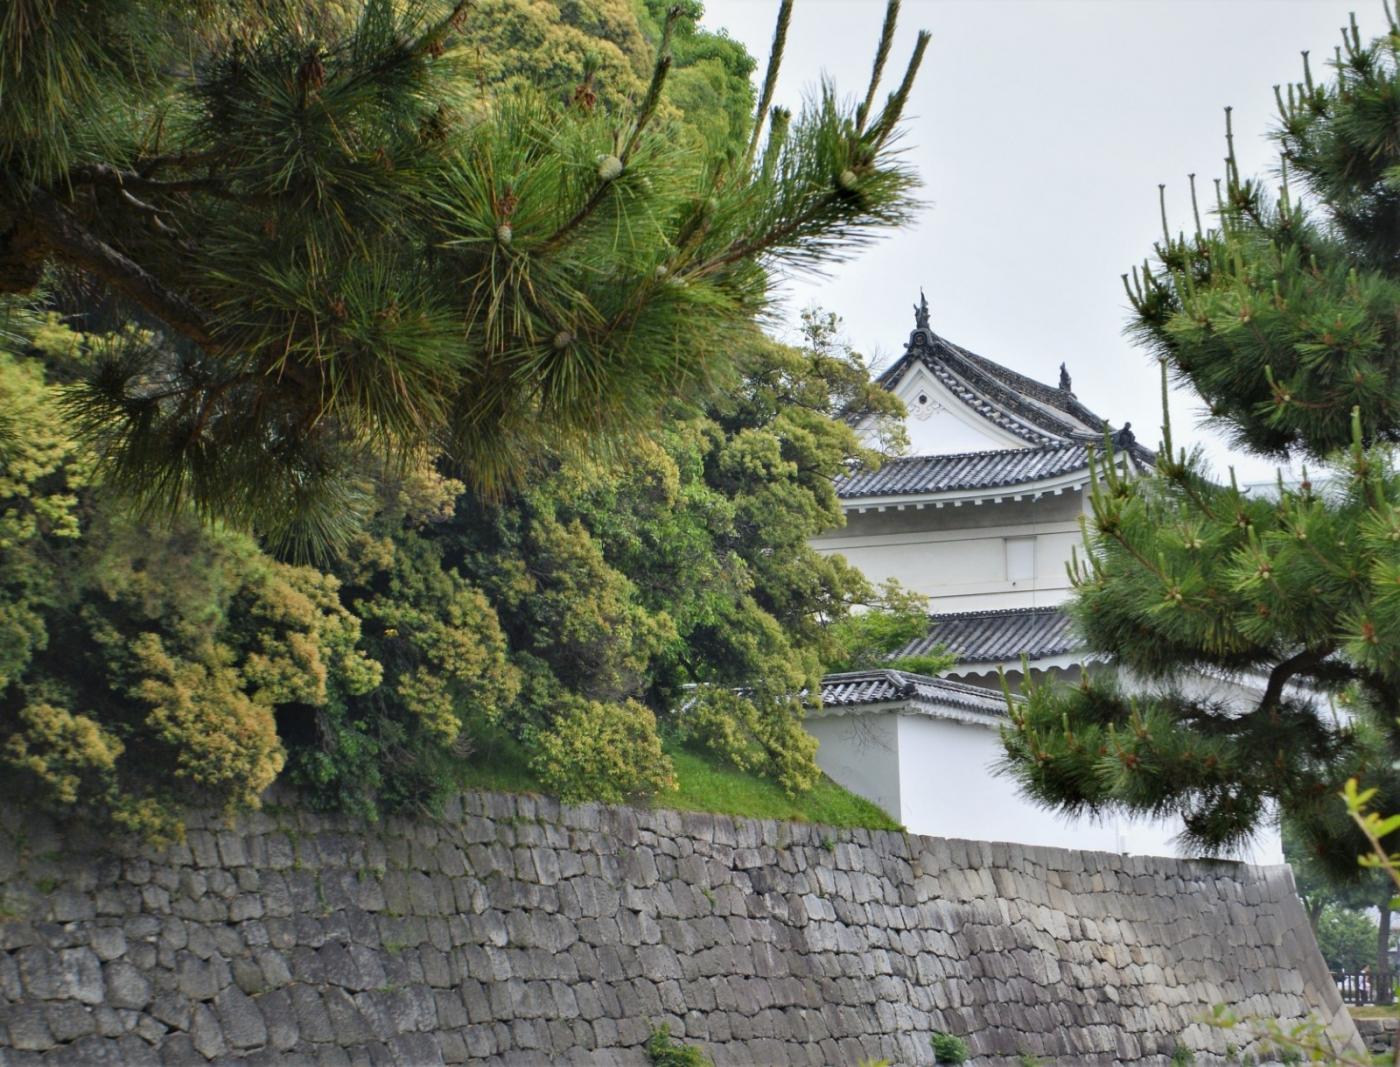 日本横线 —— 关西自由行2 京都二条城_图1-1